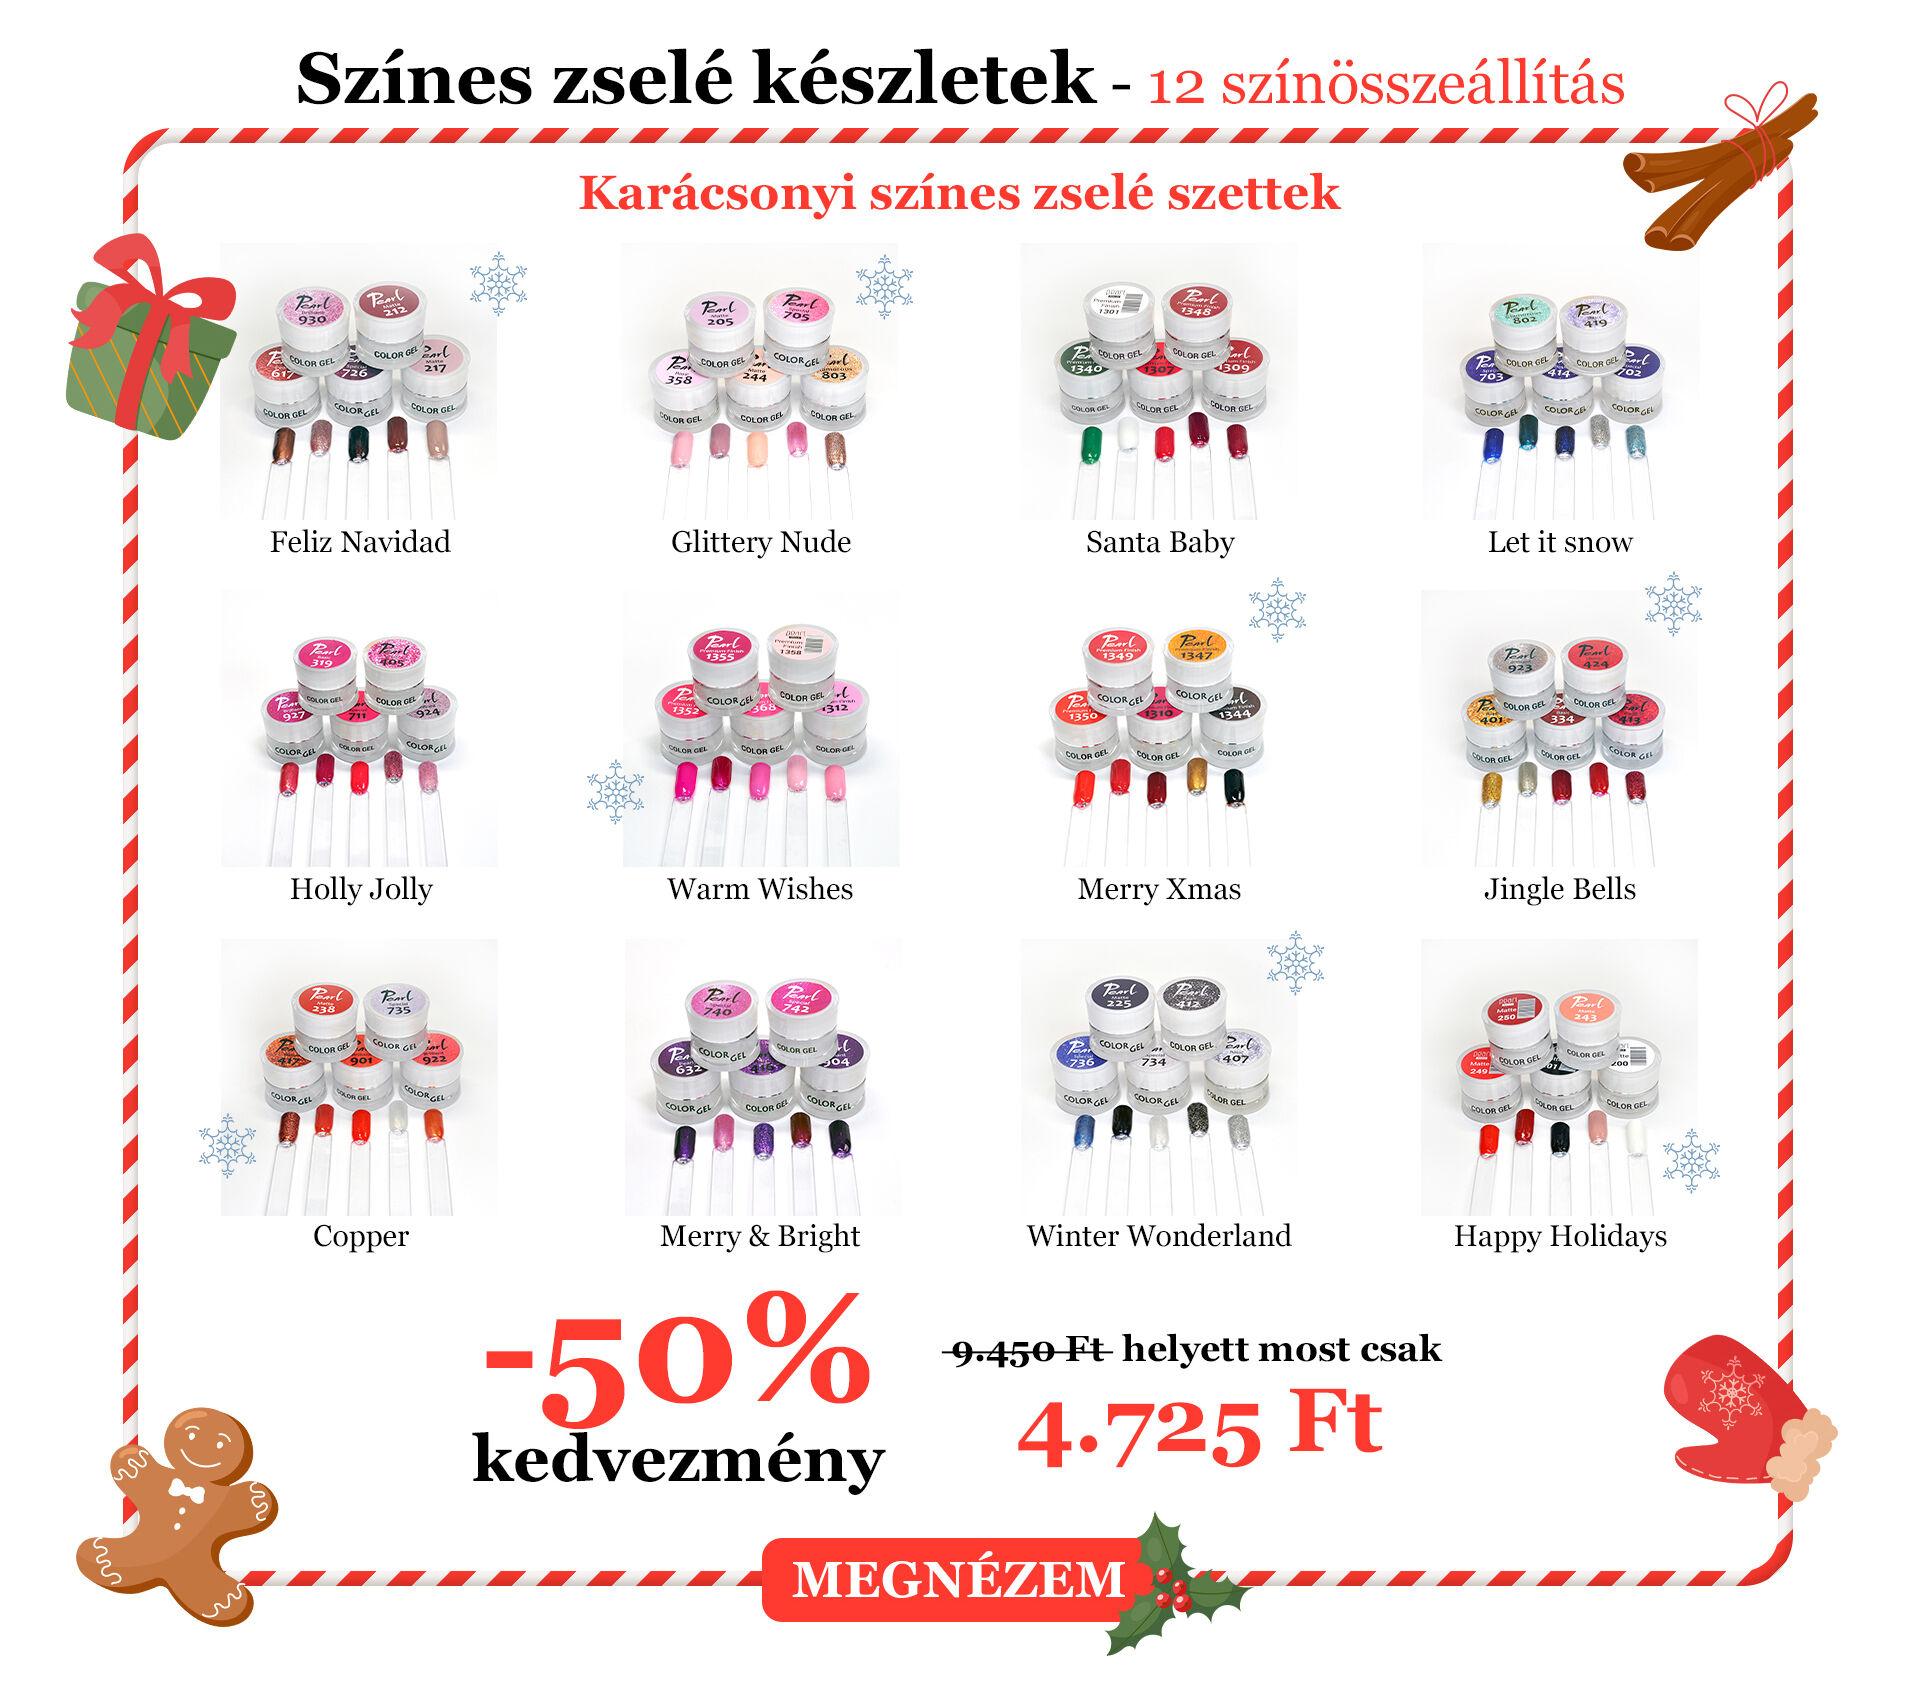 Karácsonyi Színes zselé szettek 12 színösszeállítás 9.450 Ft helyett most csak 4.725 Ft -50% kedvezmény - Feliz Navidad - Glittery Nude - Santa Baby - Let it snow - Holly Jolly - Warm Wishes - Merry Xmas - Jingle Bells - Copper - Merry & Bright - Winter Wonderland - Happy Holidays